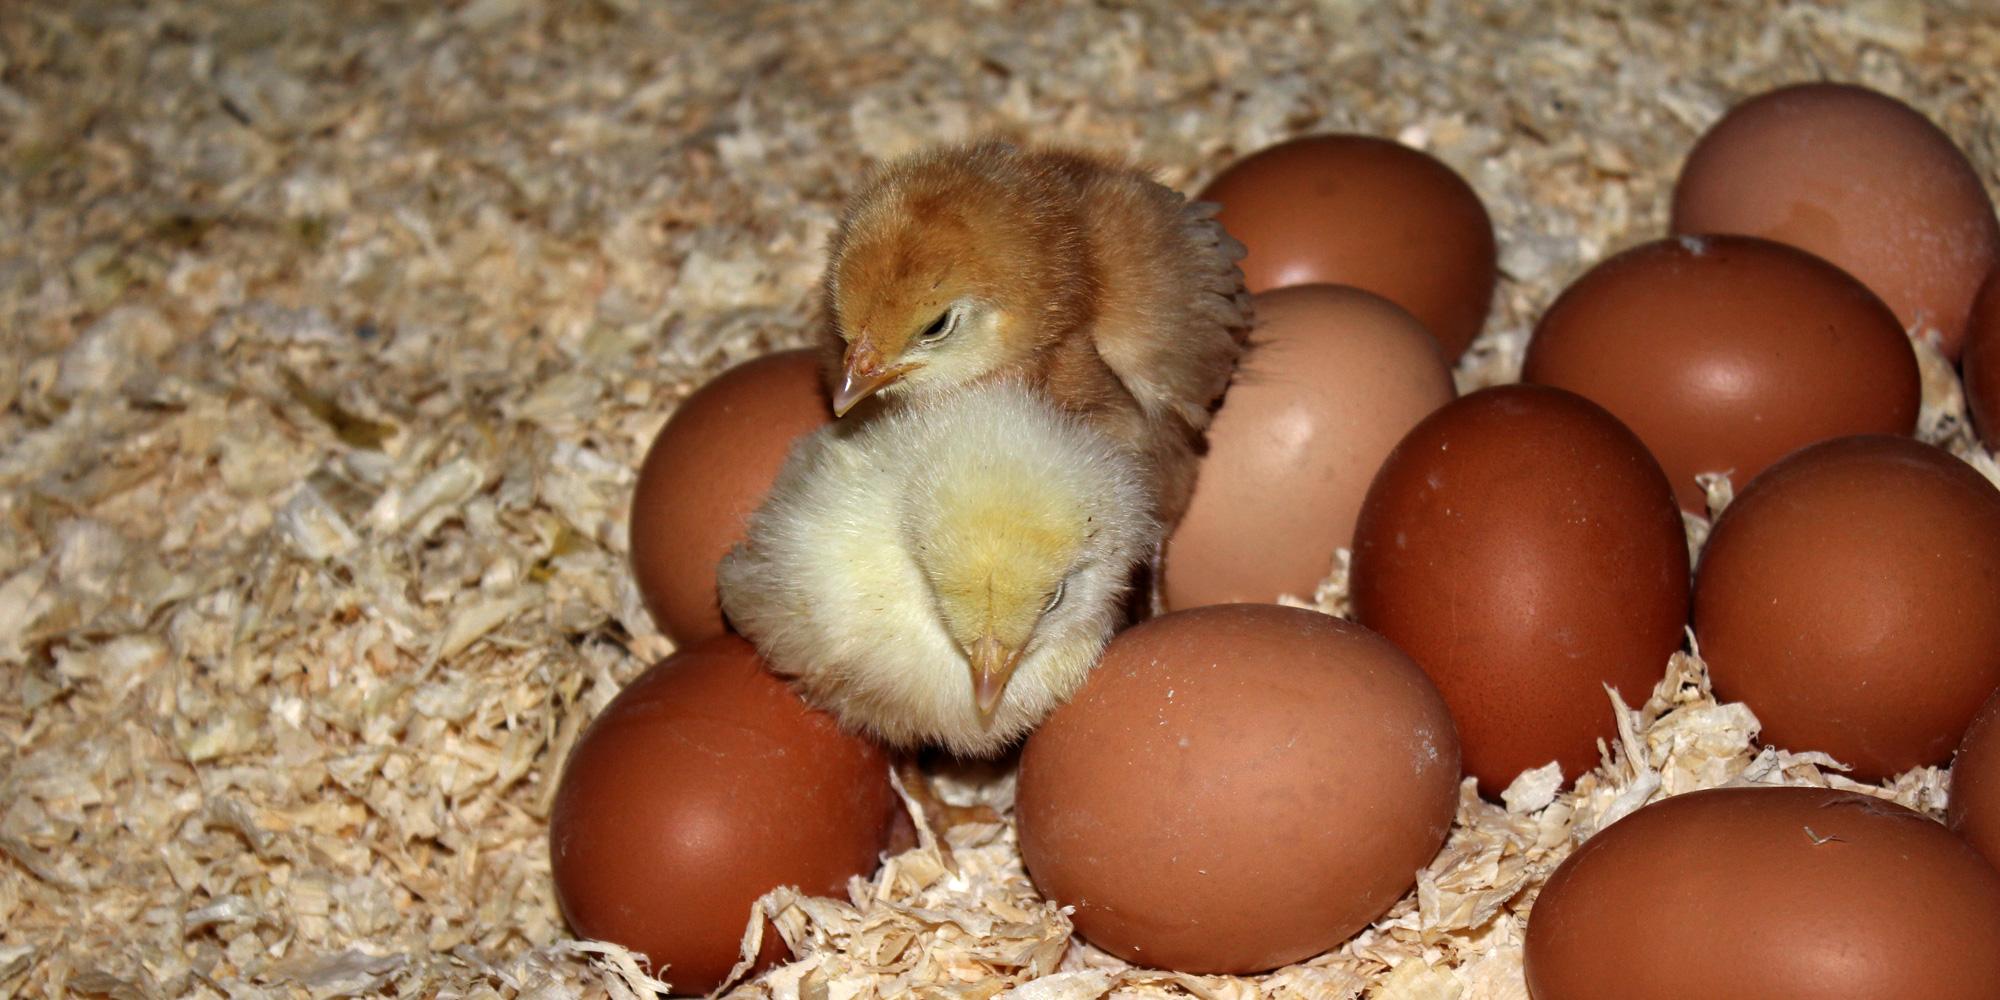 søt kylling blant egg på Rias eggproduksjon. Copyright: Mikkelhaug